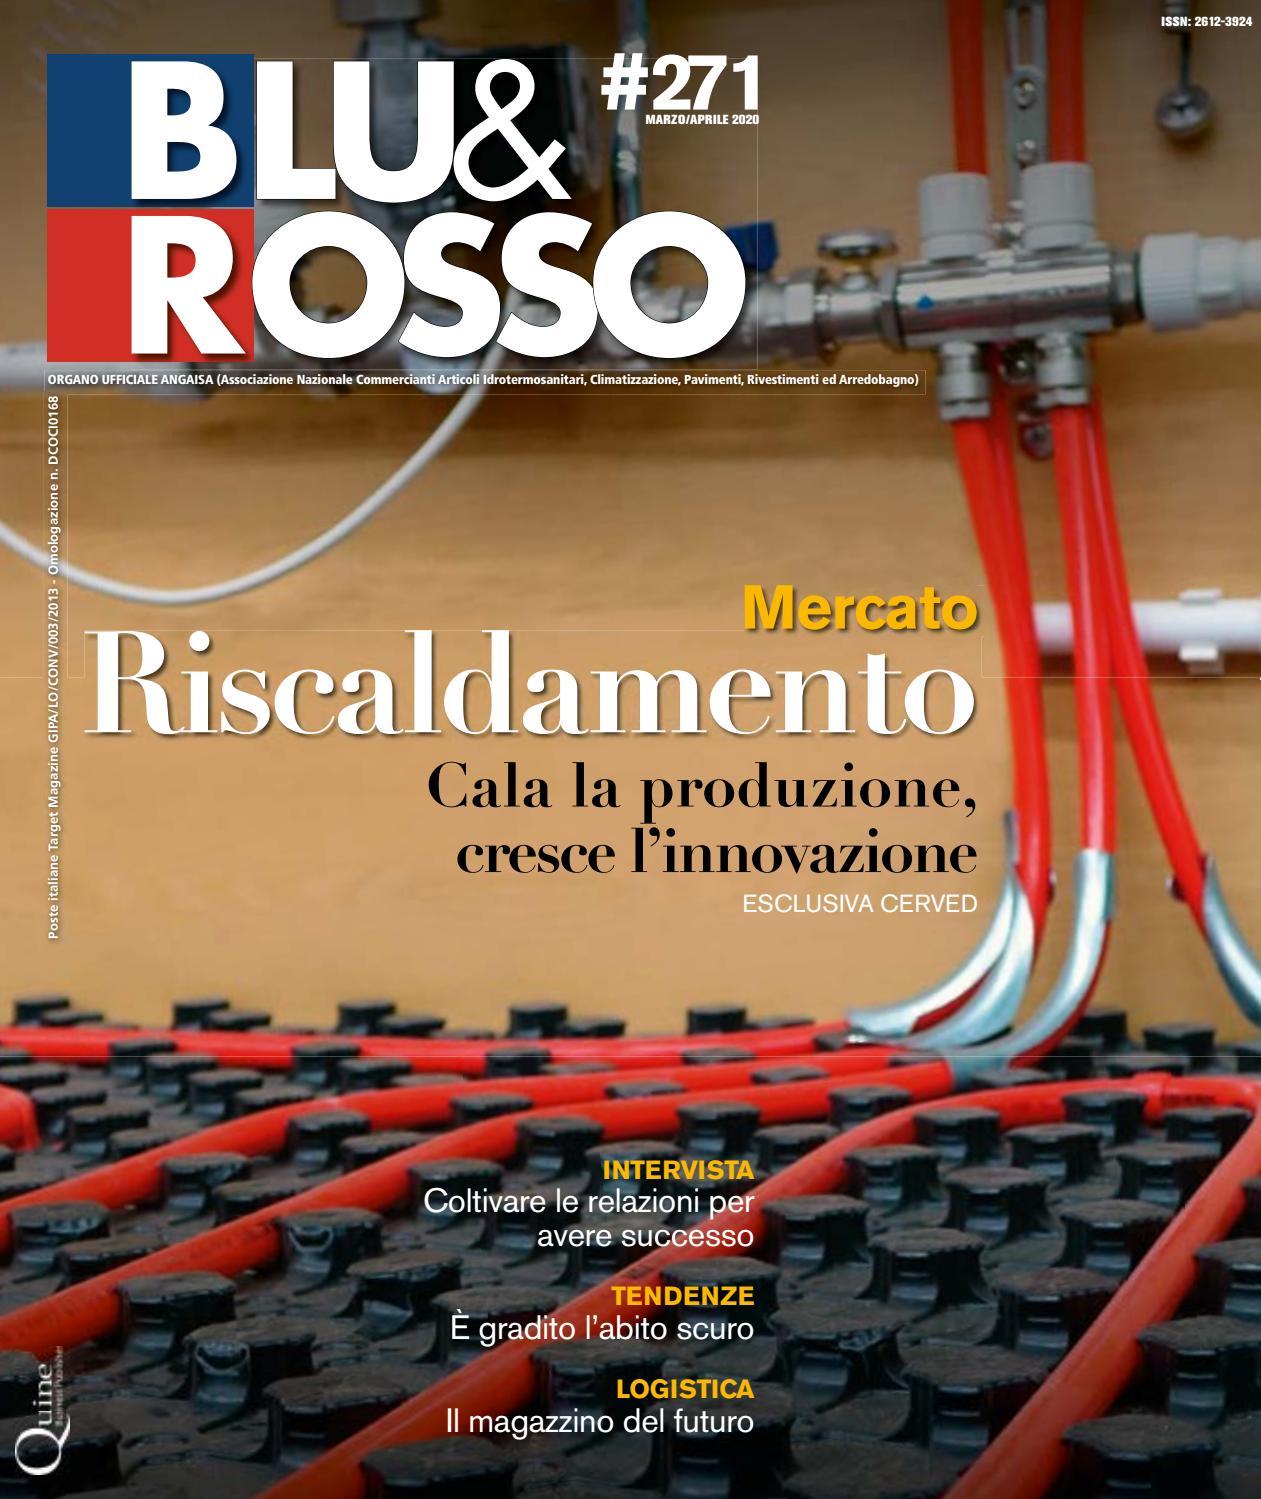 Carboni Correggio Arredo Bagno.Blu Rosso N 271 Marzo Aprile By Quine Business Publisher Issuu